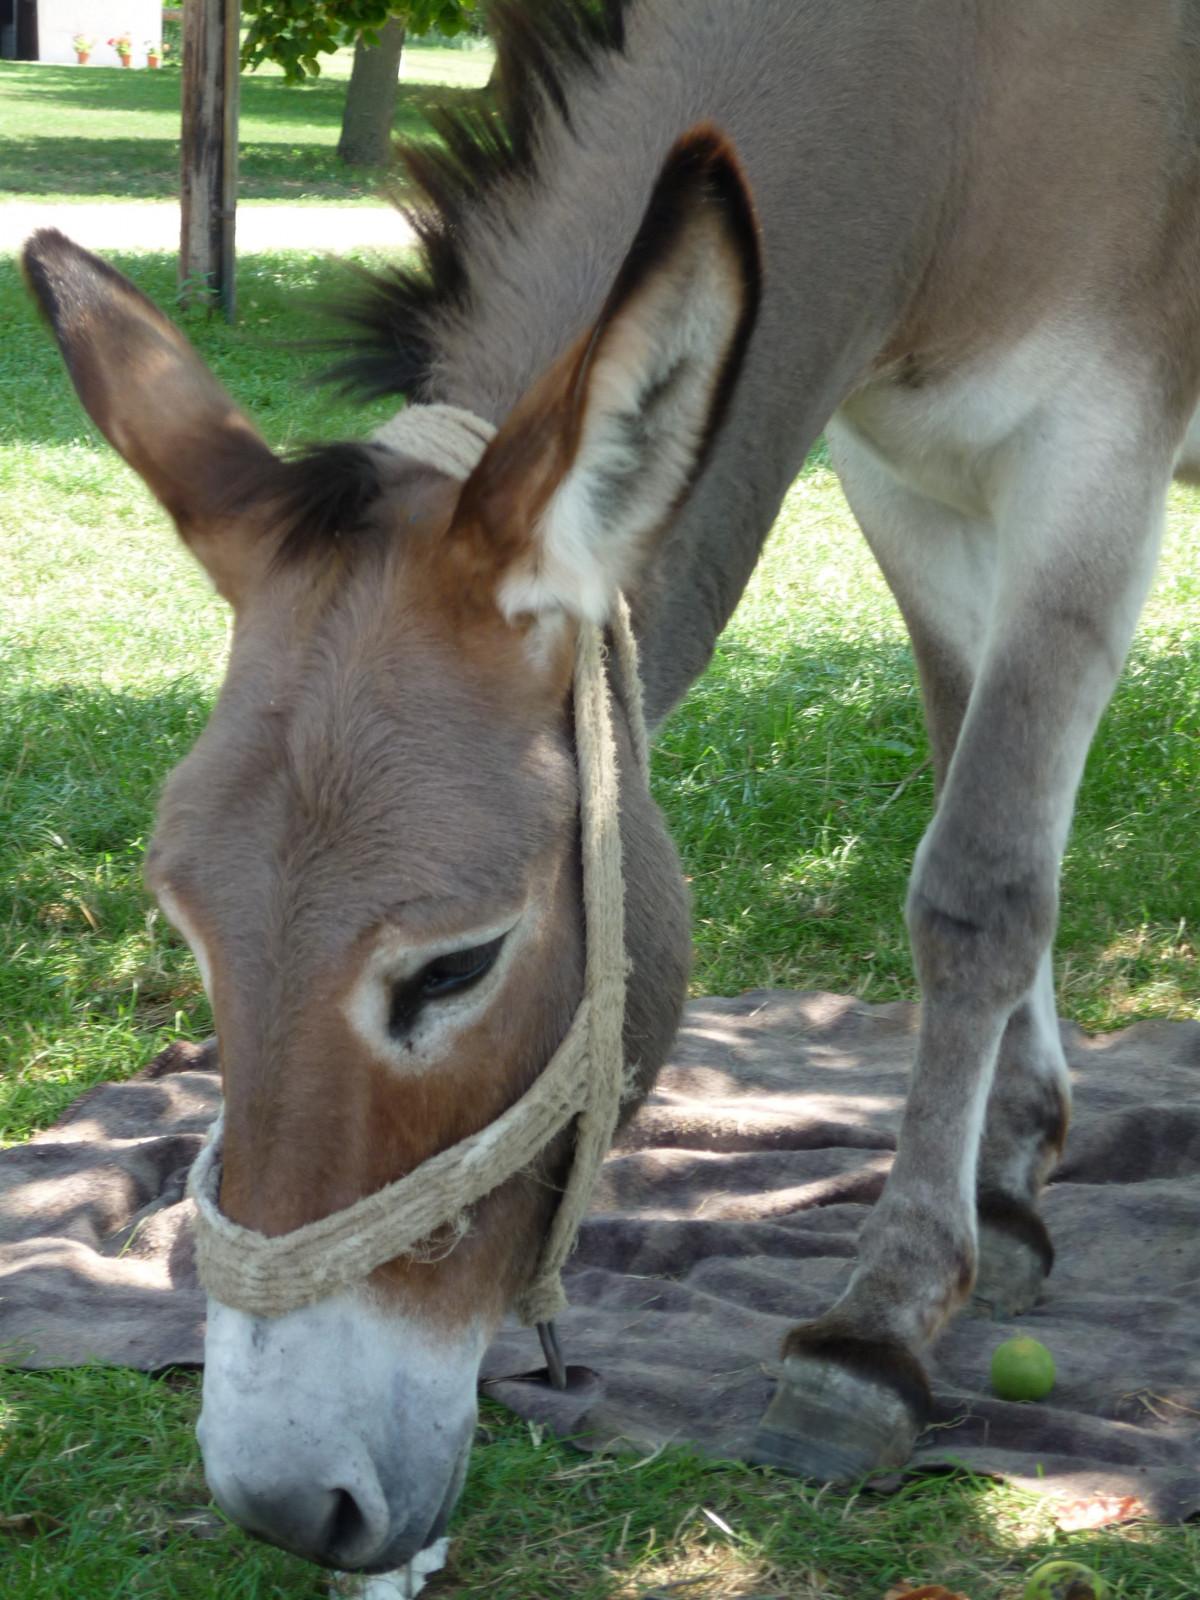 Free Images  Wildlife, Pasture, Mane, Fauna, Donkey, Head -8122